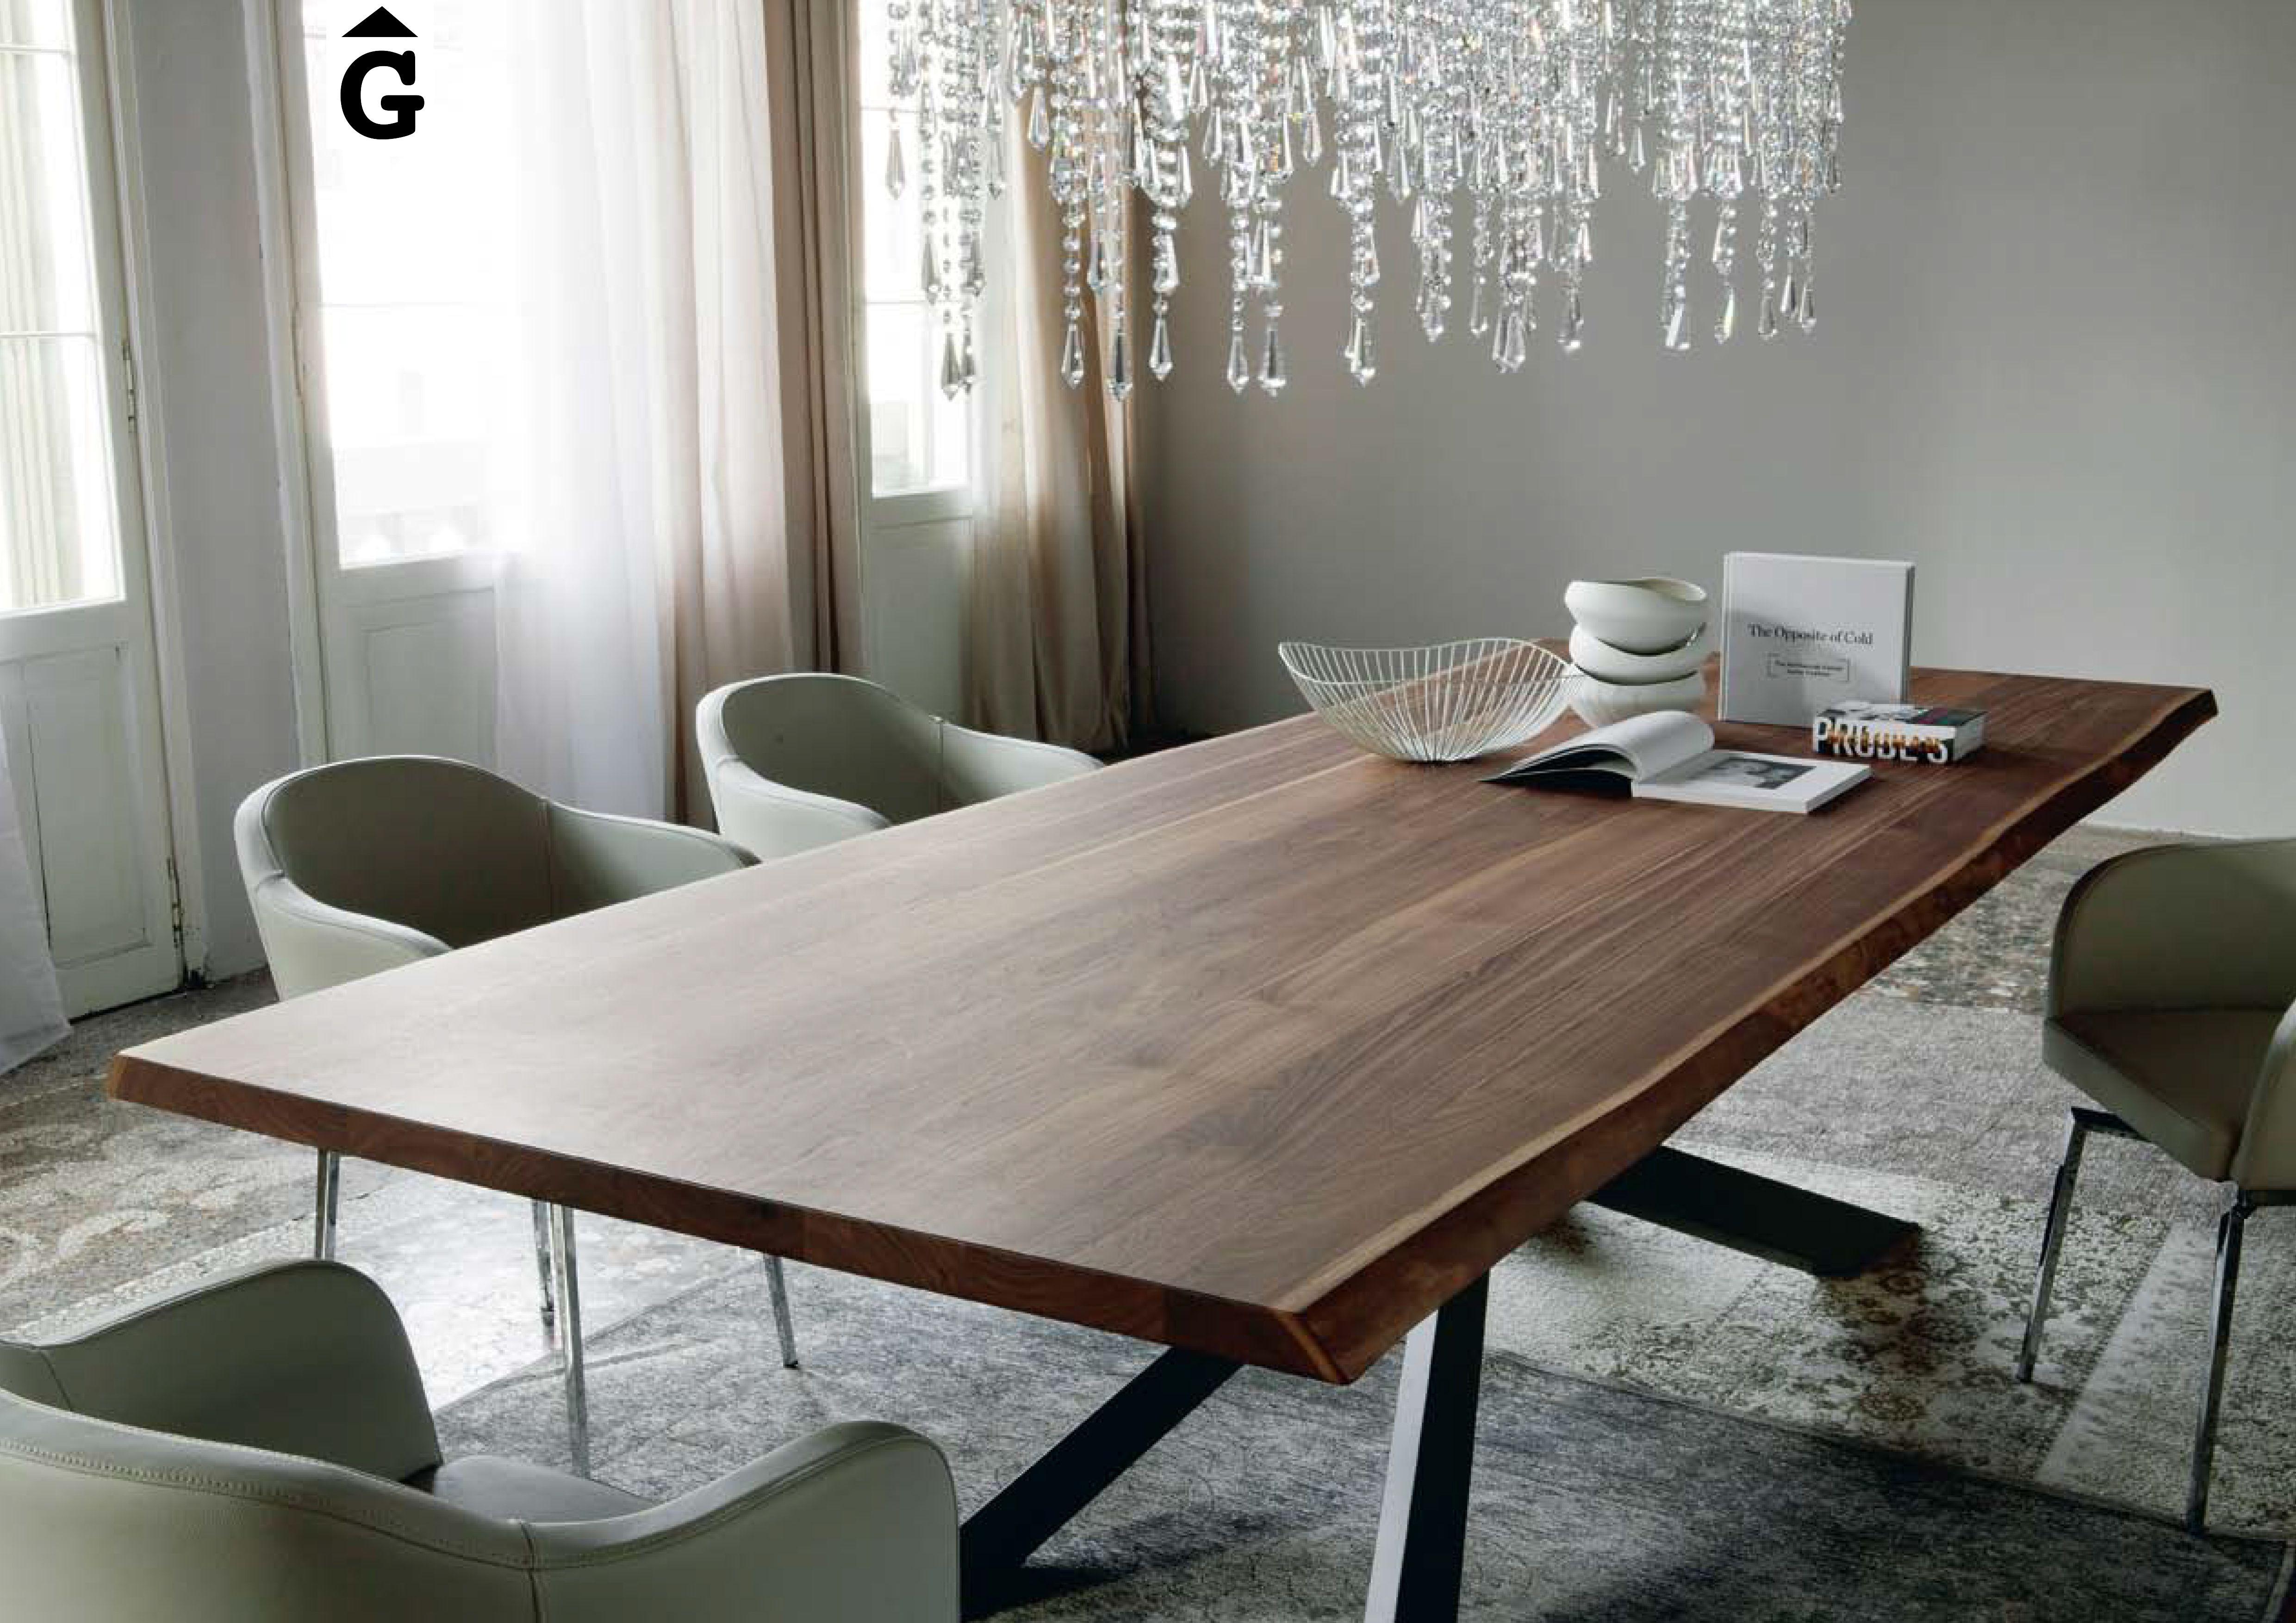 Taula sobre noguera mides i acabats a escollir solid wood dining table dining